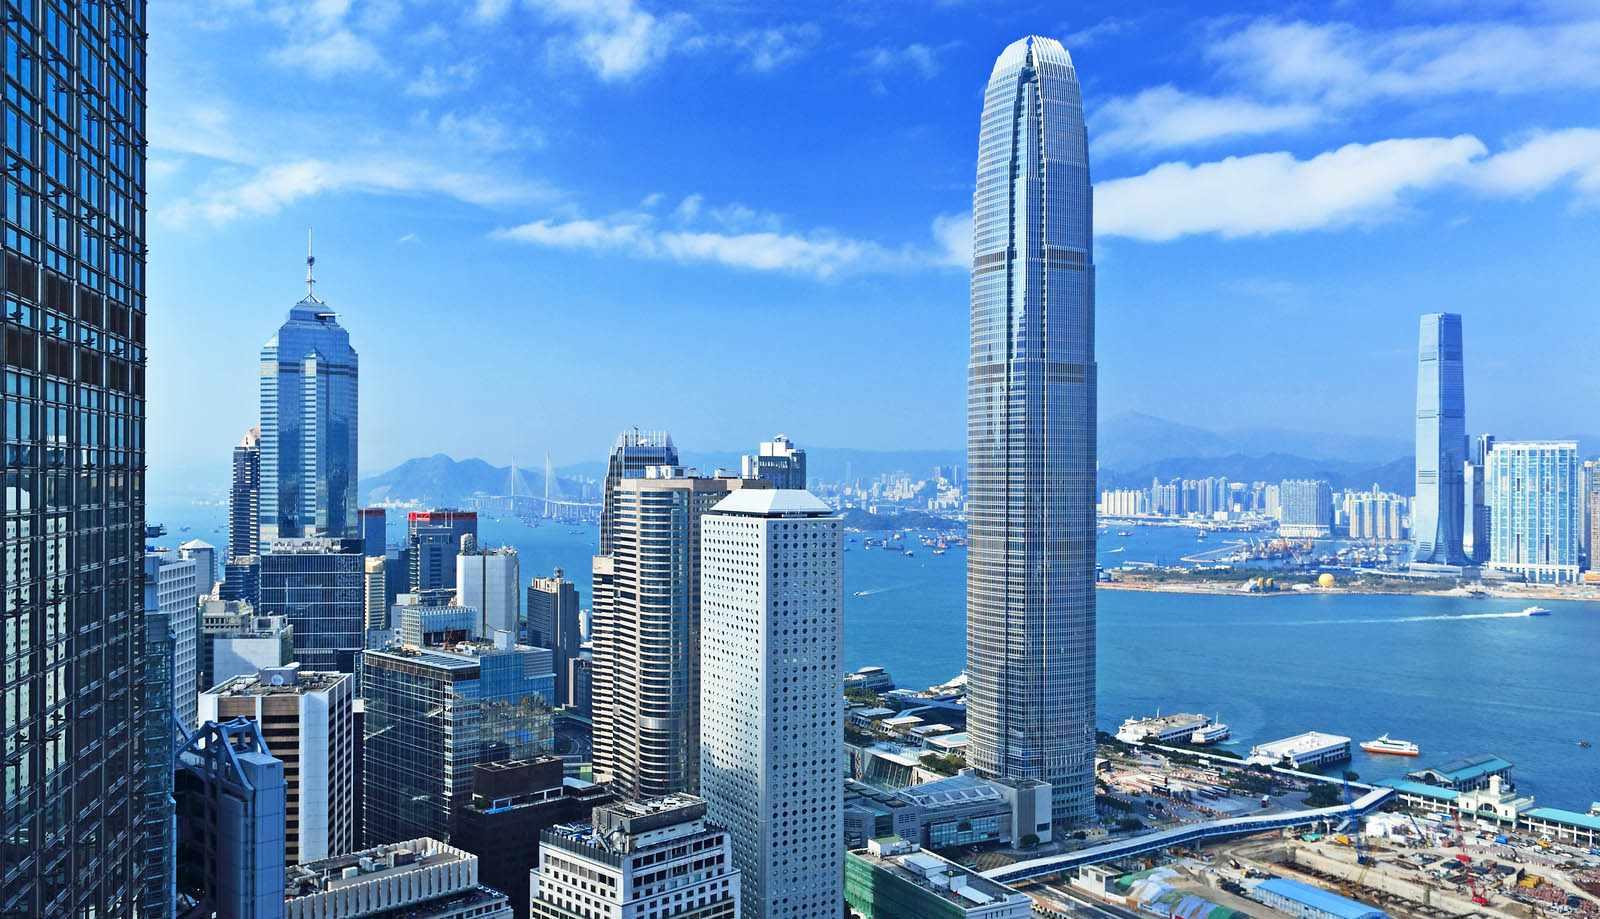 Hong Kong hiện đại, sầm uất cũng là điểm đến lý tưởng cho tour du lịch châu Á của bạn